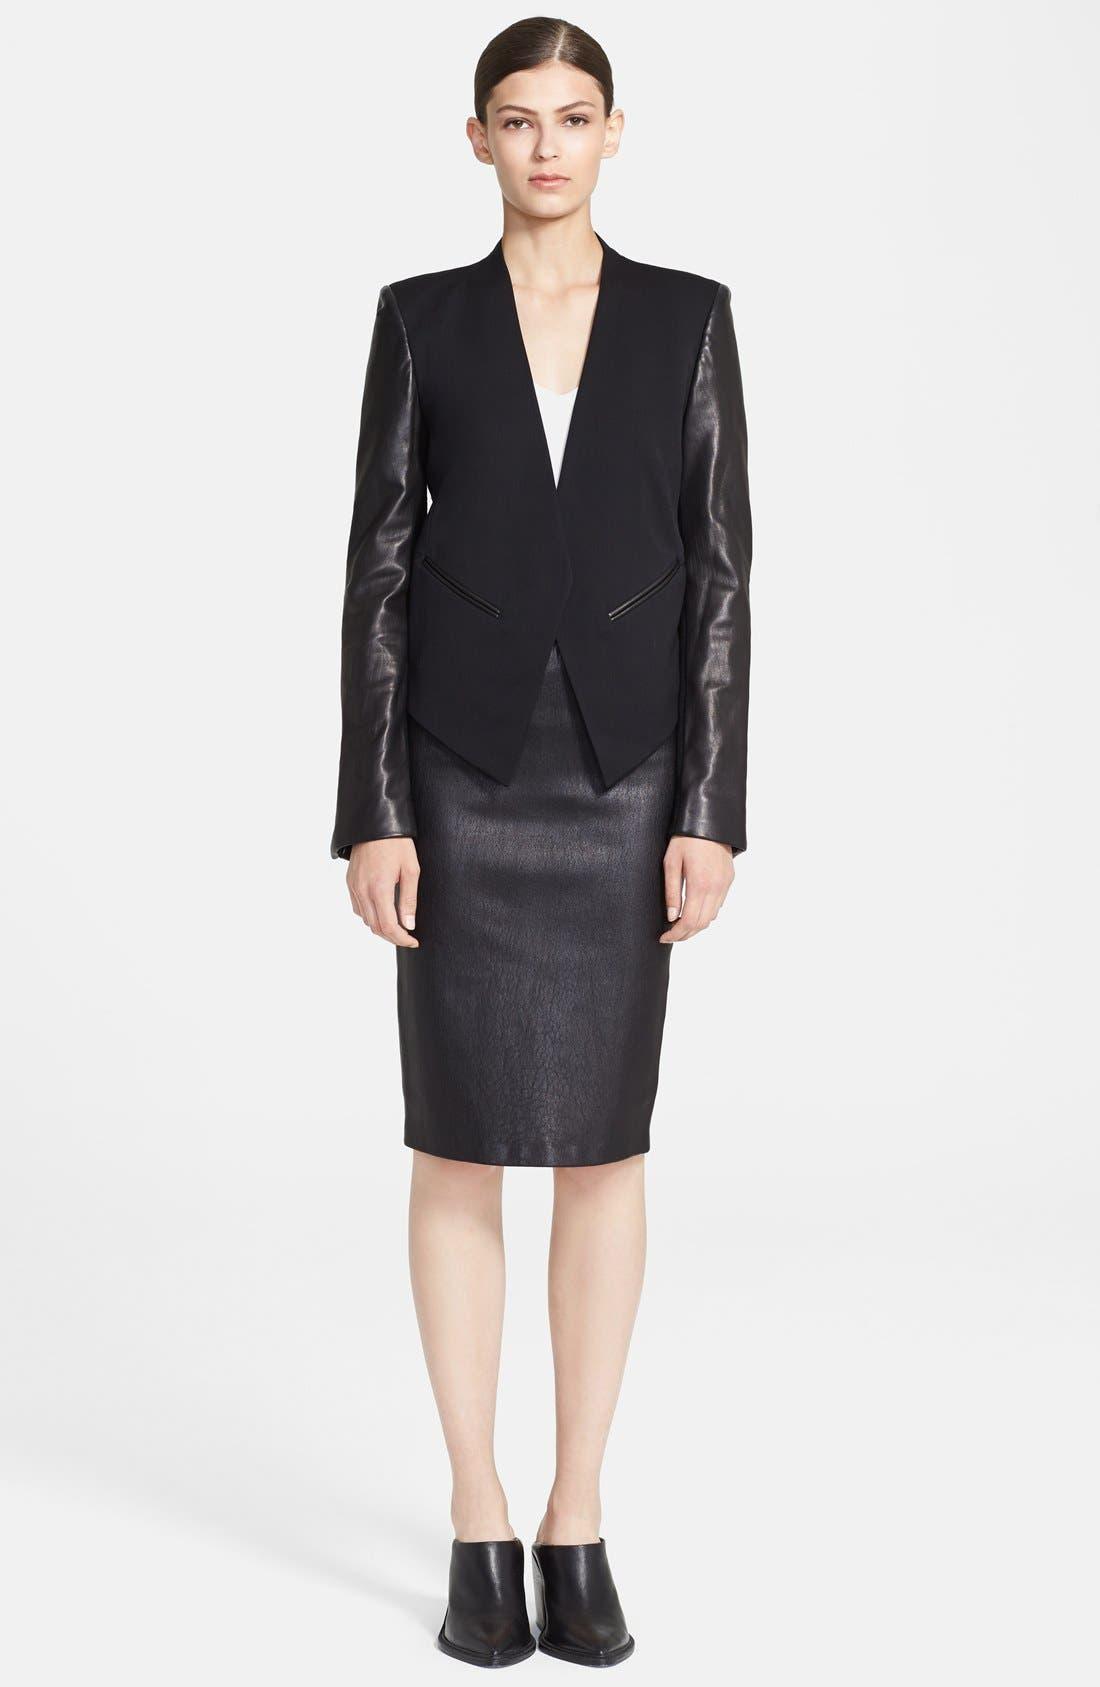 Main Image - Helmut Lang 'Smoking' Leather Sleeve Tuxedo Jacket